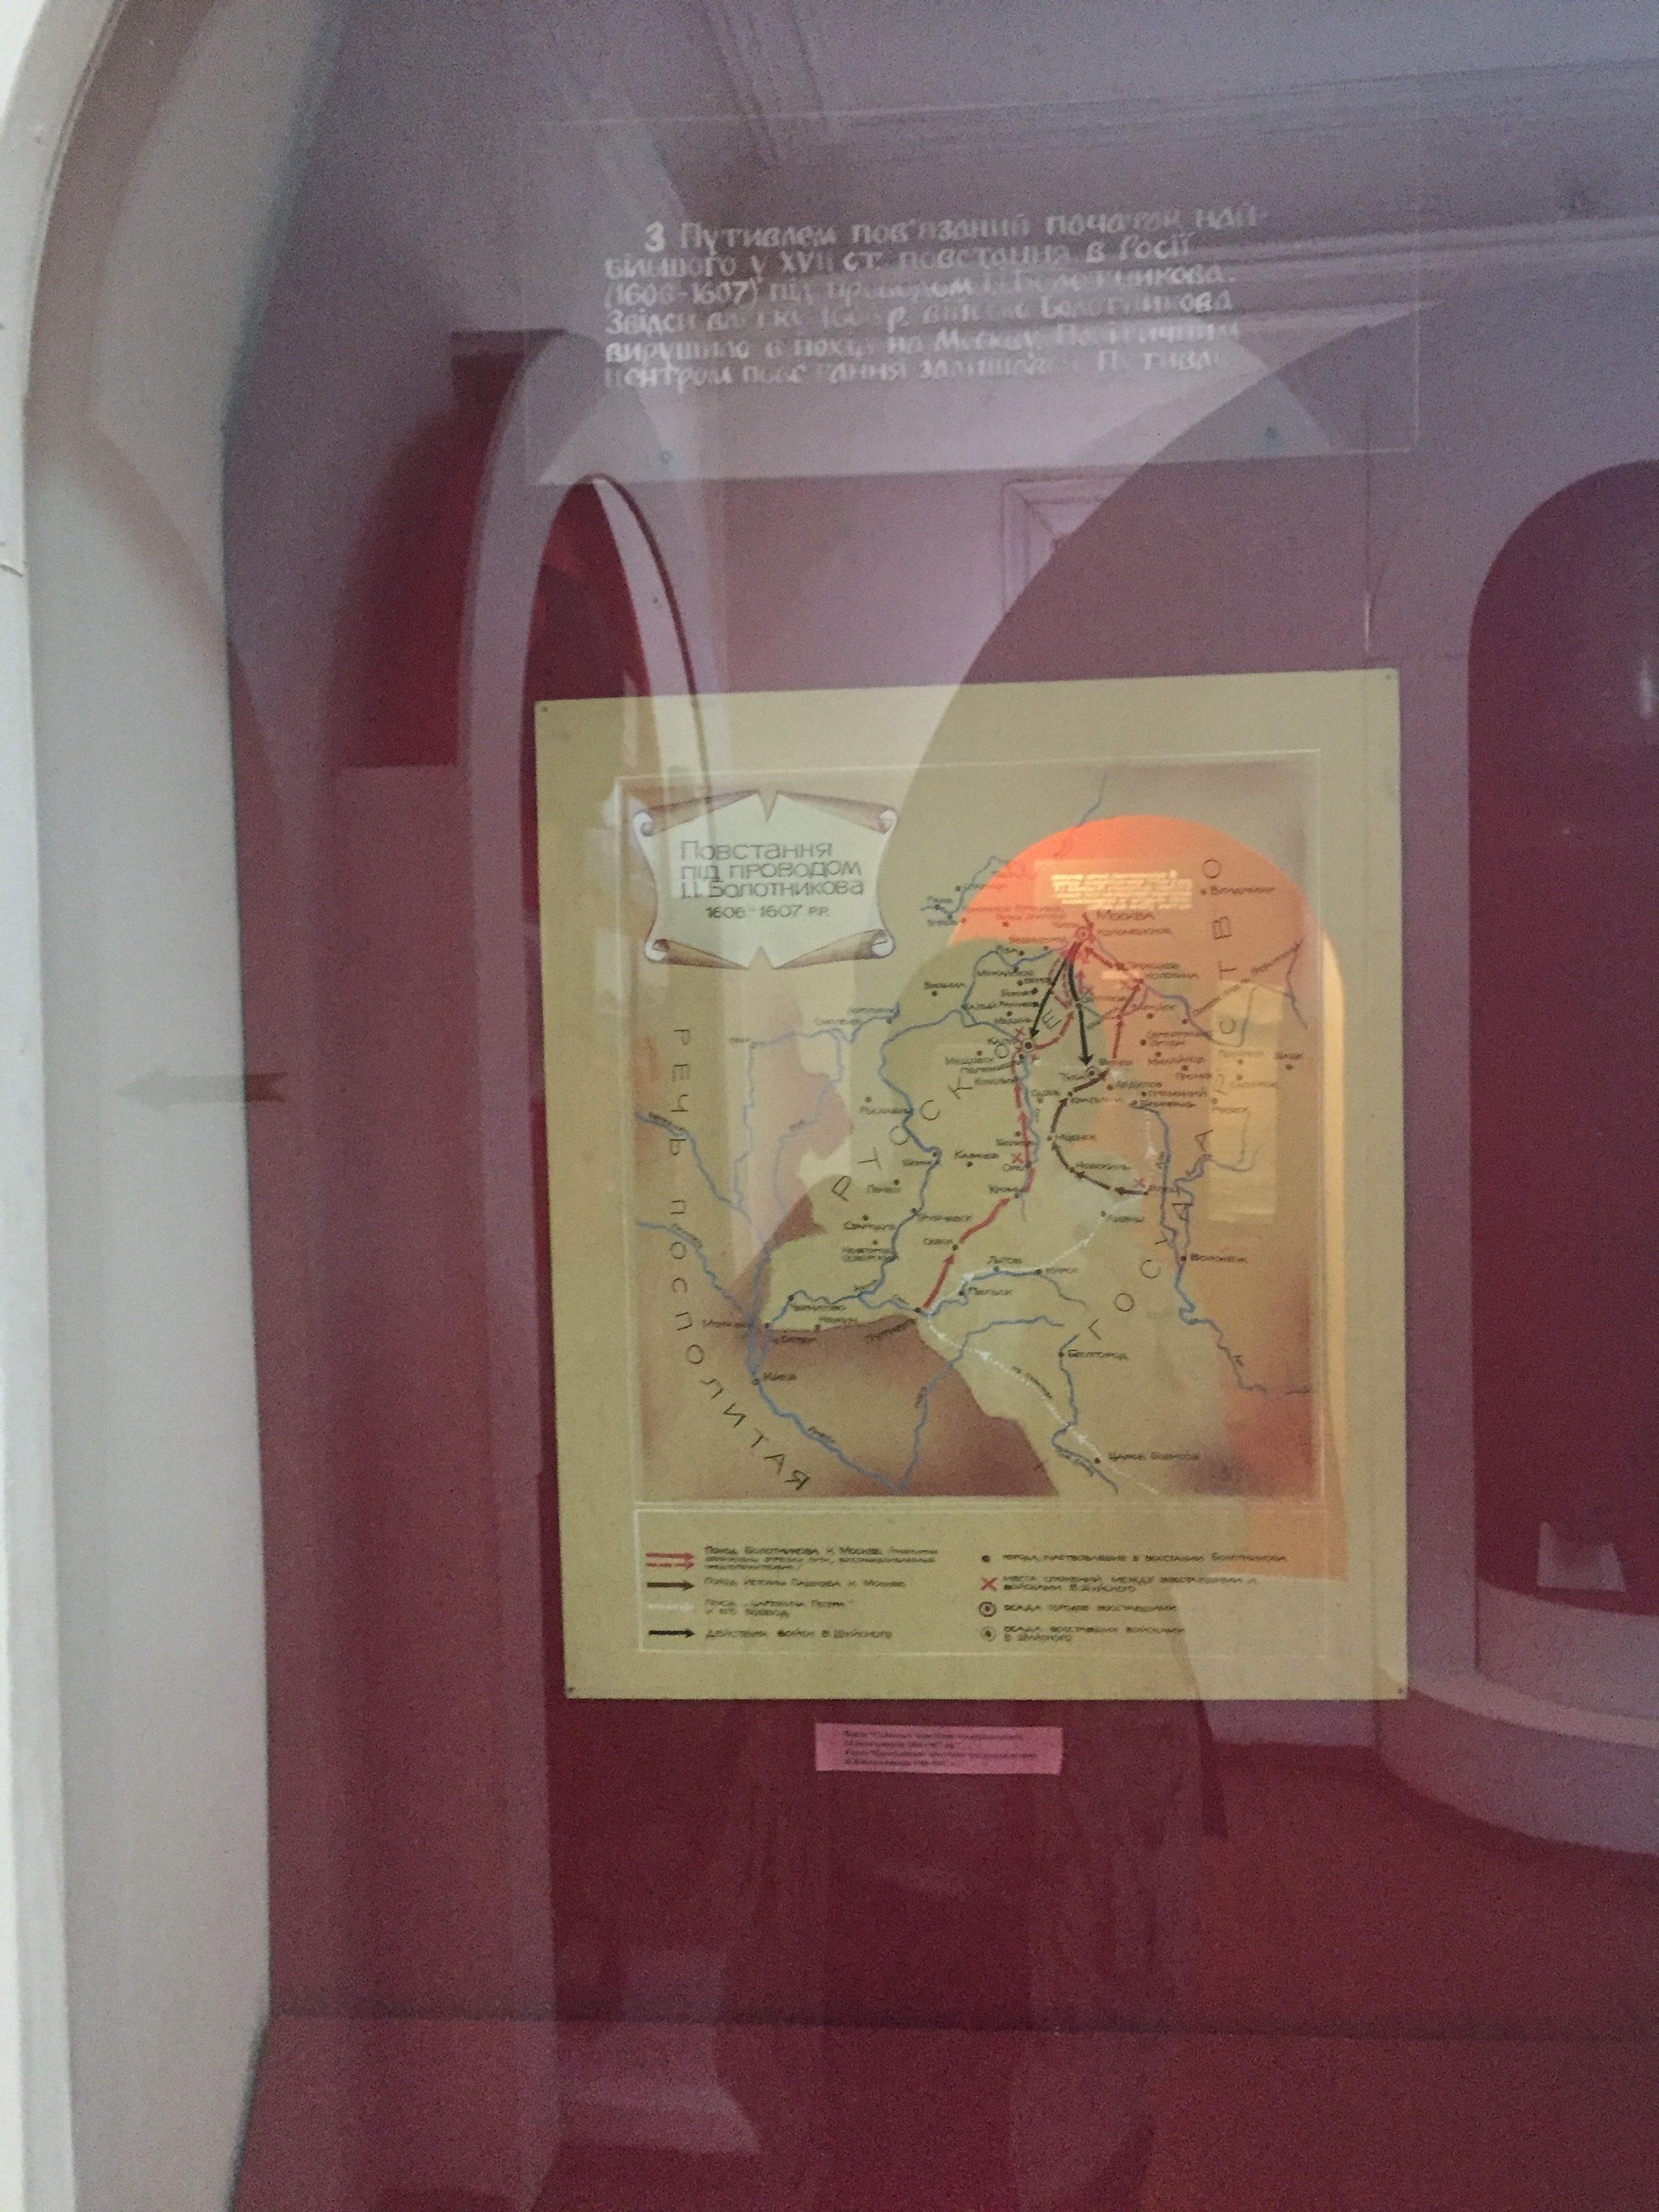 ボロトニコフの乱の拡大地図